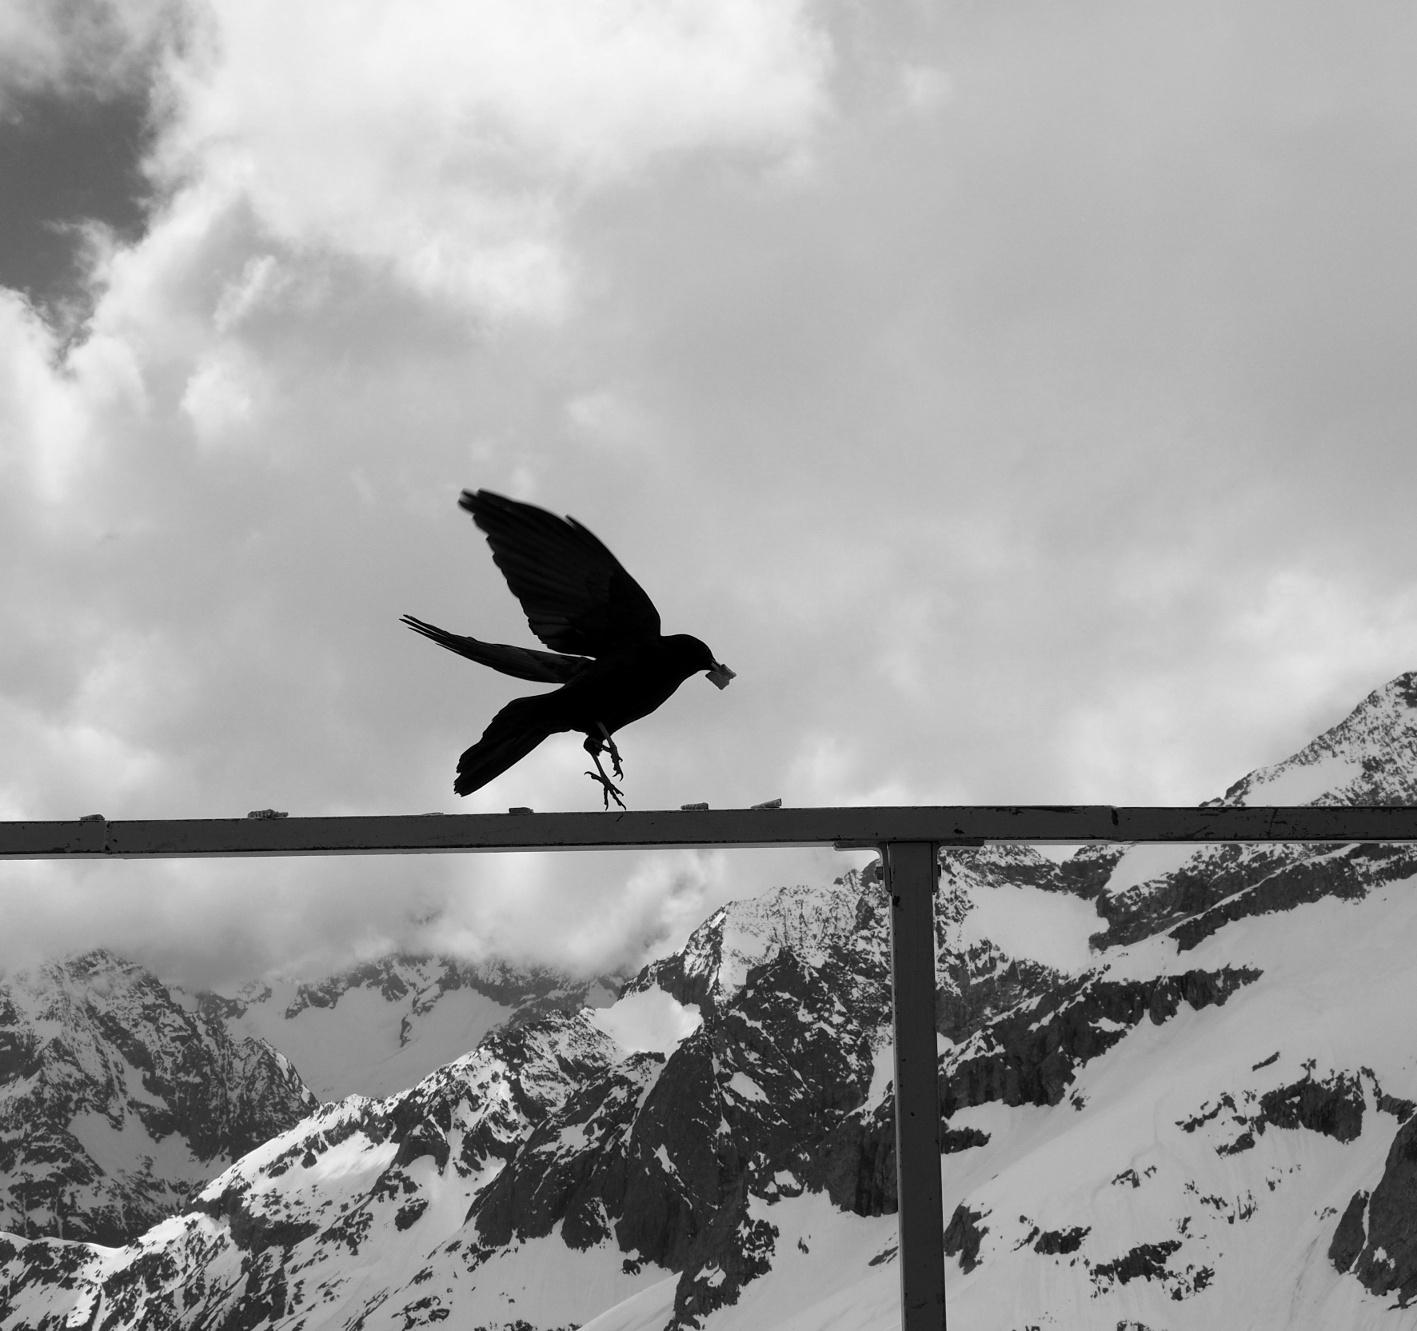 Et dans l'après midi les chocards viennent nous tenir compagnie sur la terrasse !